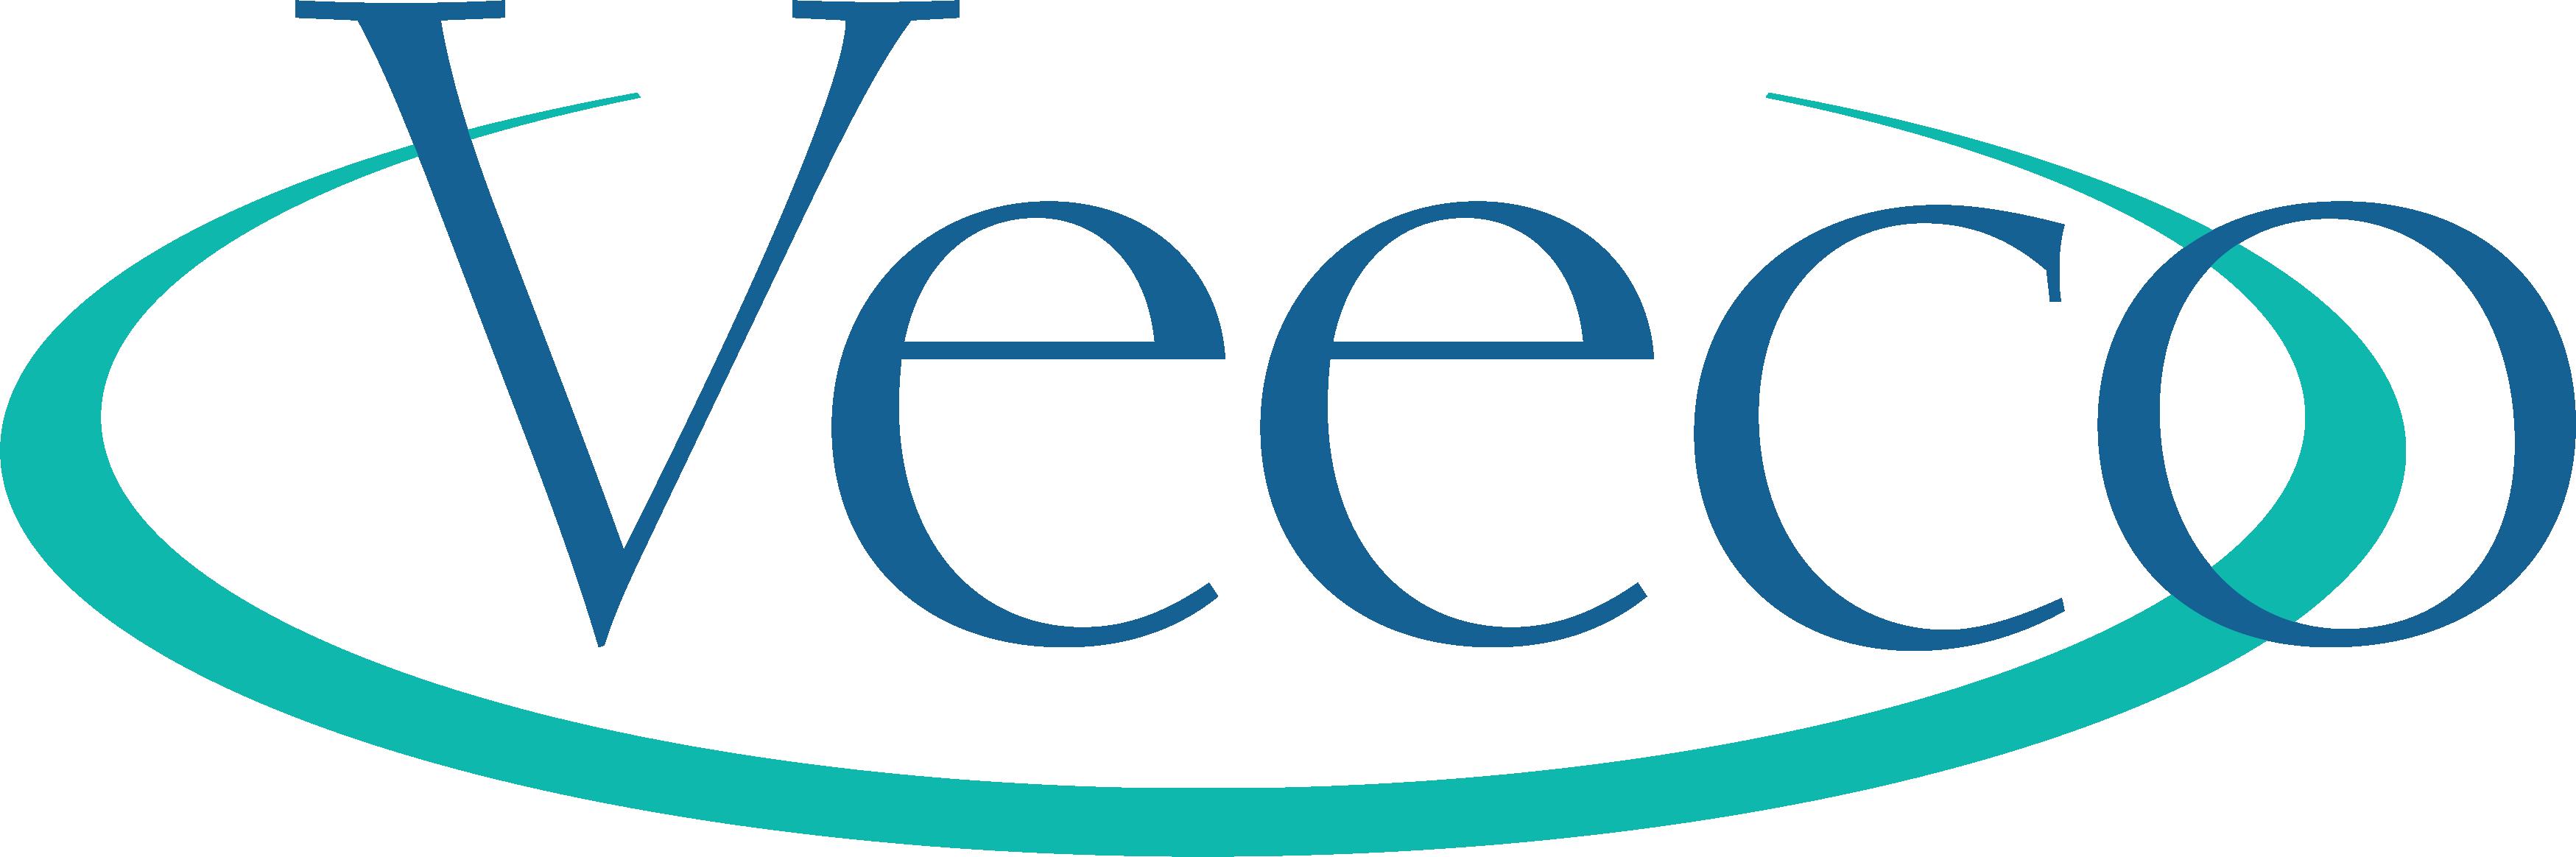 VEECO logo